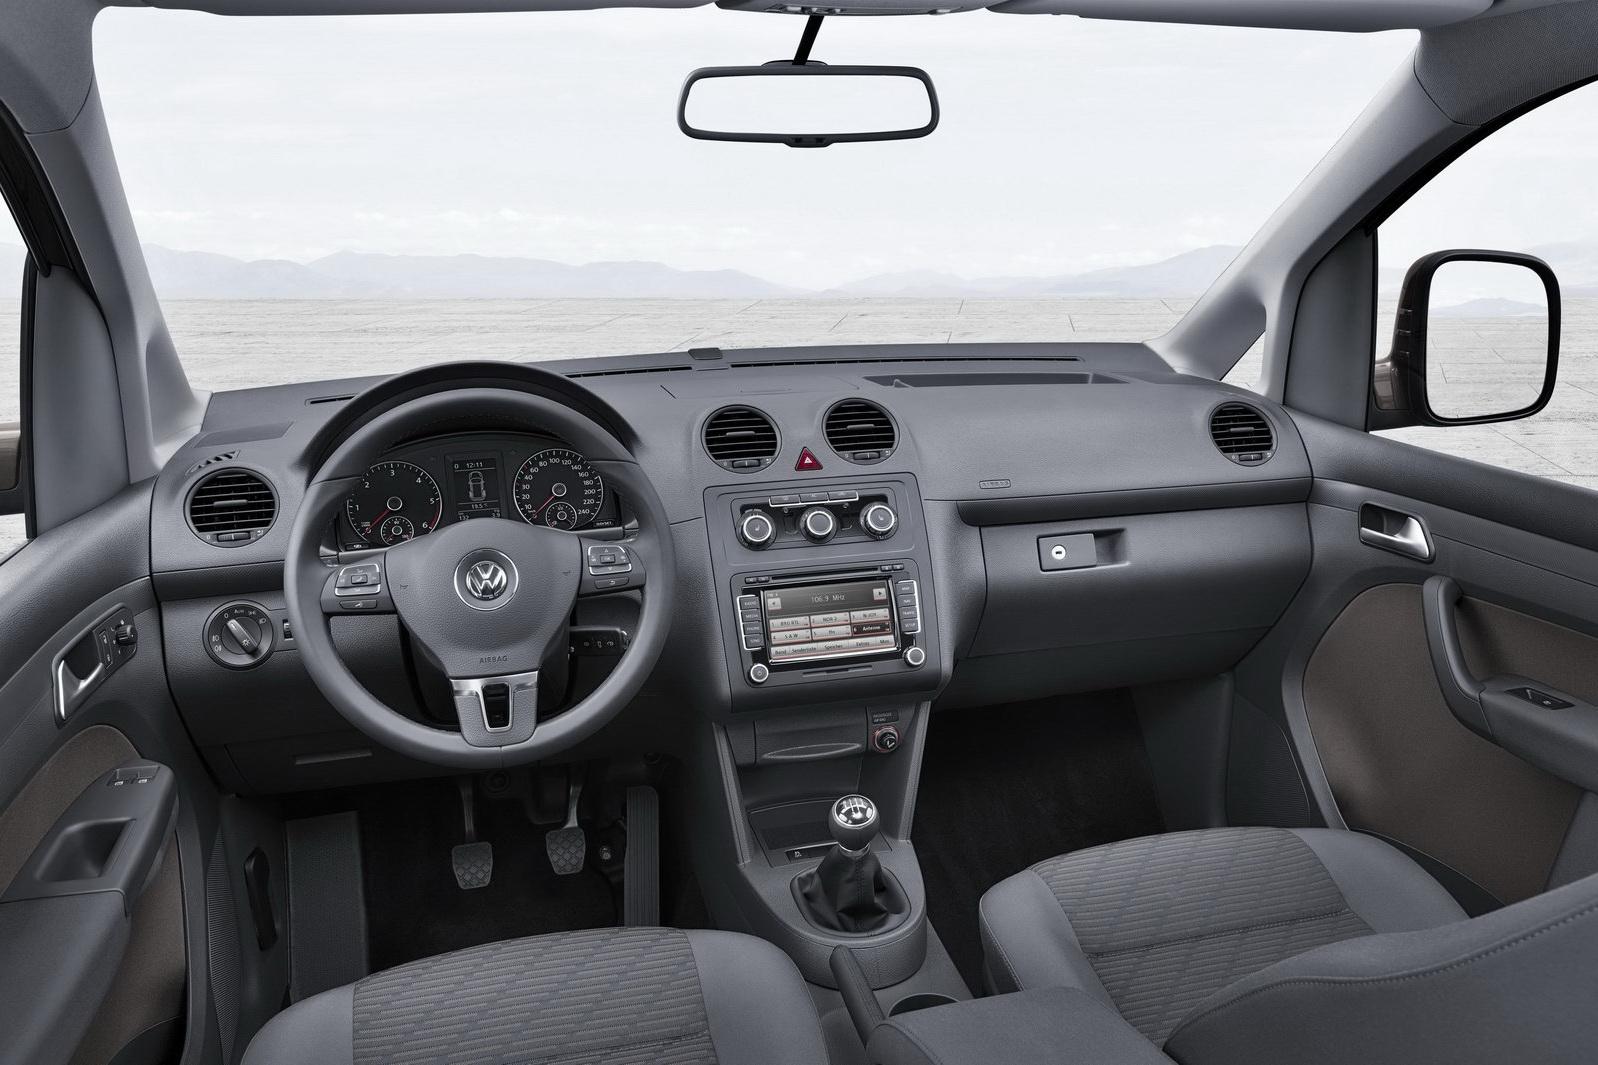 nouveau volkswagen caddy c 39 est lui. Black Bedroom Furniture Sets. Home Design Ideas